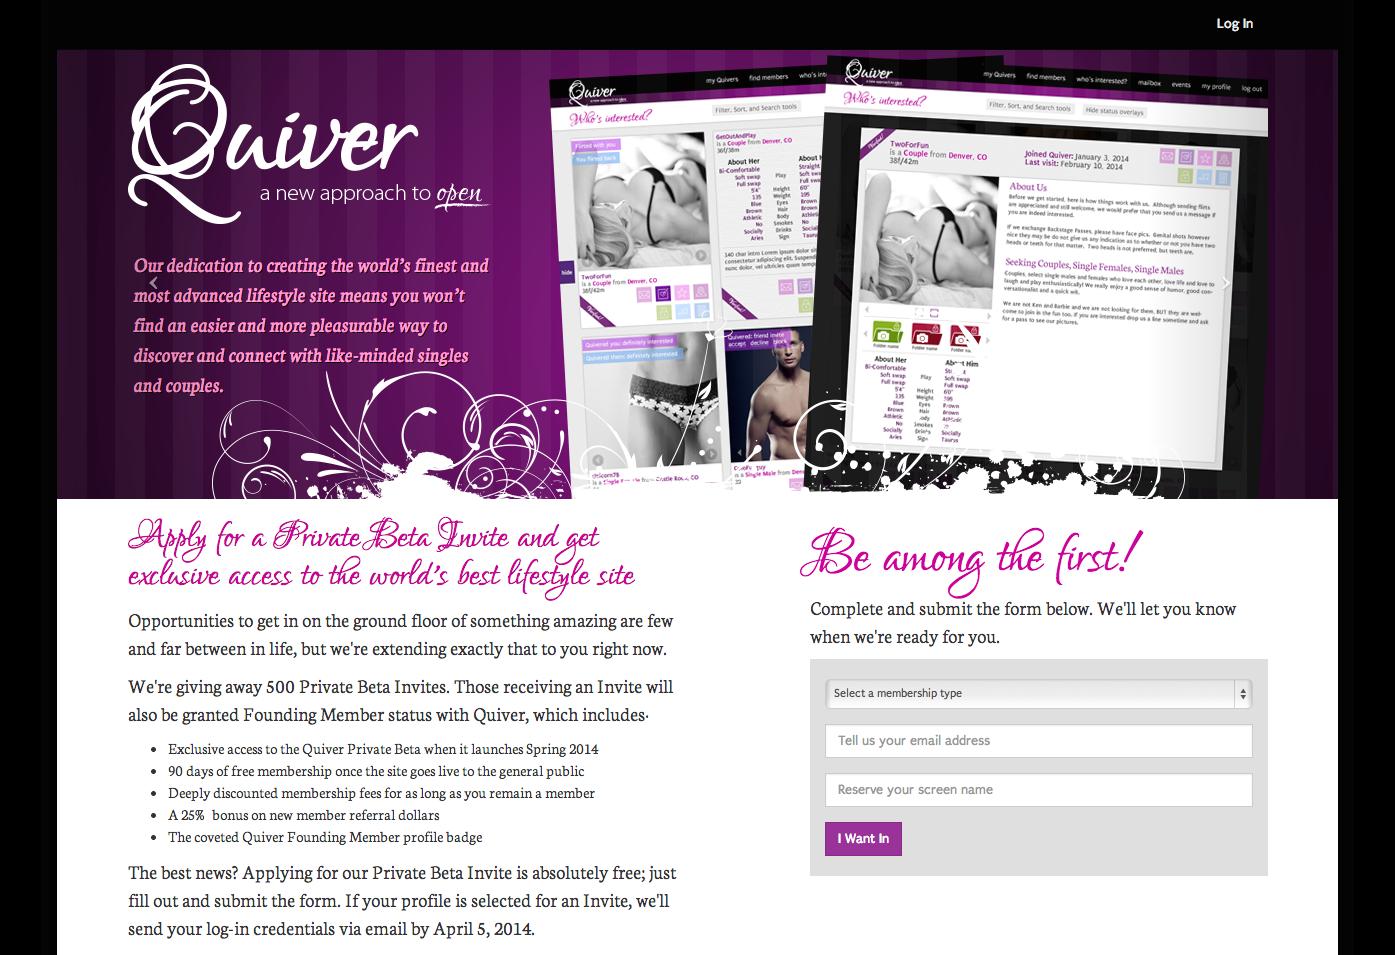 Quiver swinger